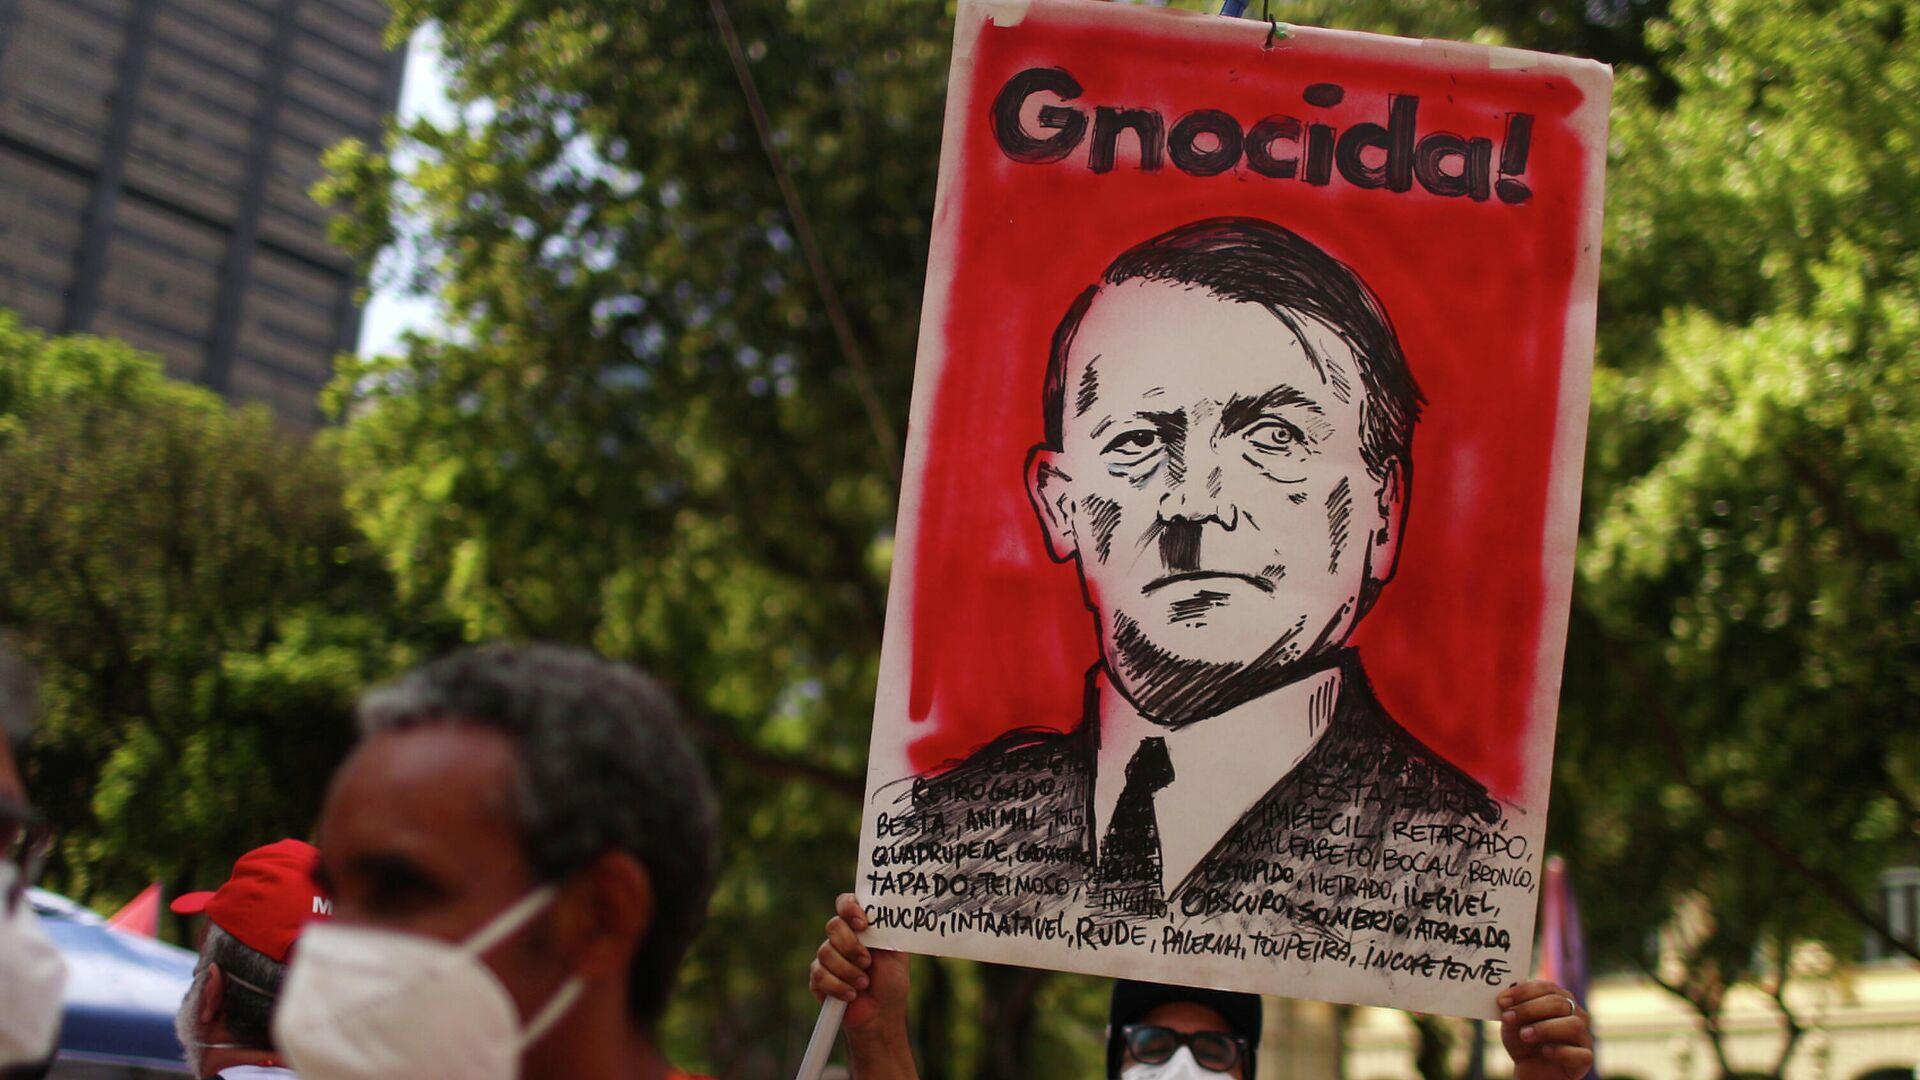 Unas protestas contra el presidente brasileño Jair Bolsonaro en Río de Janeiro el 2 de octubre - Sputnik Mundo, 1920, 02.10.2021